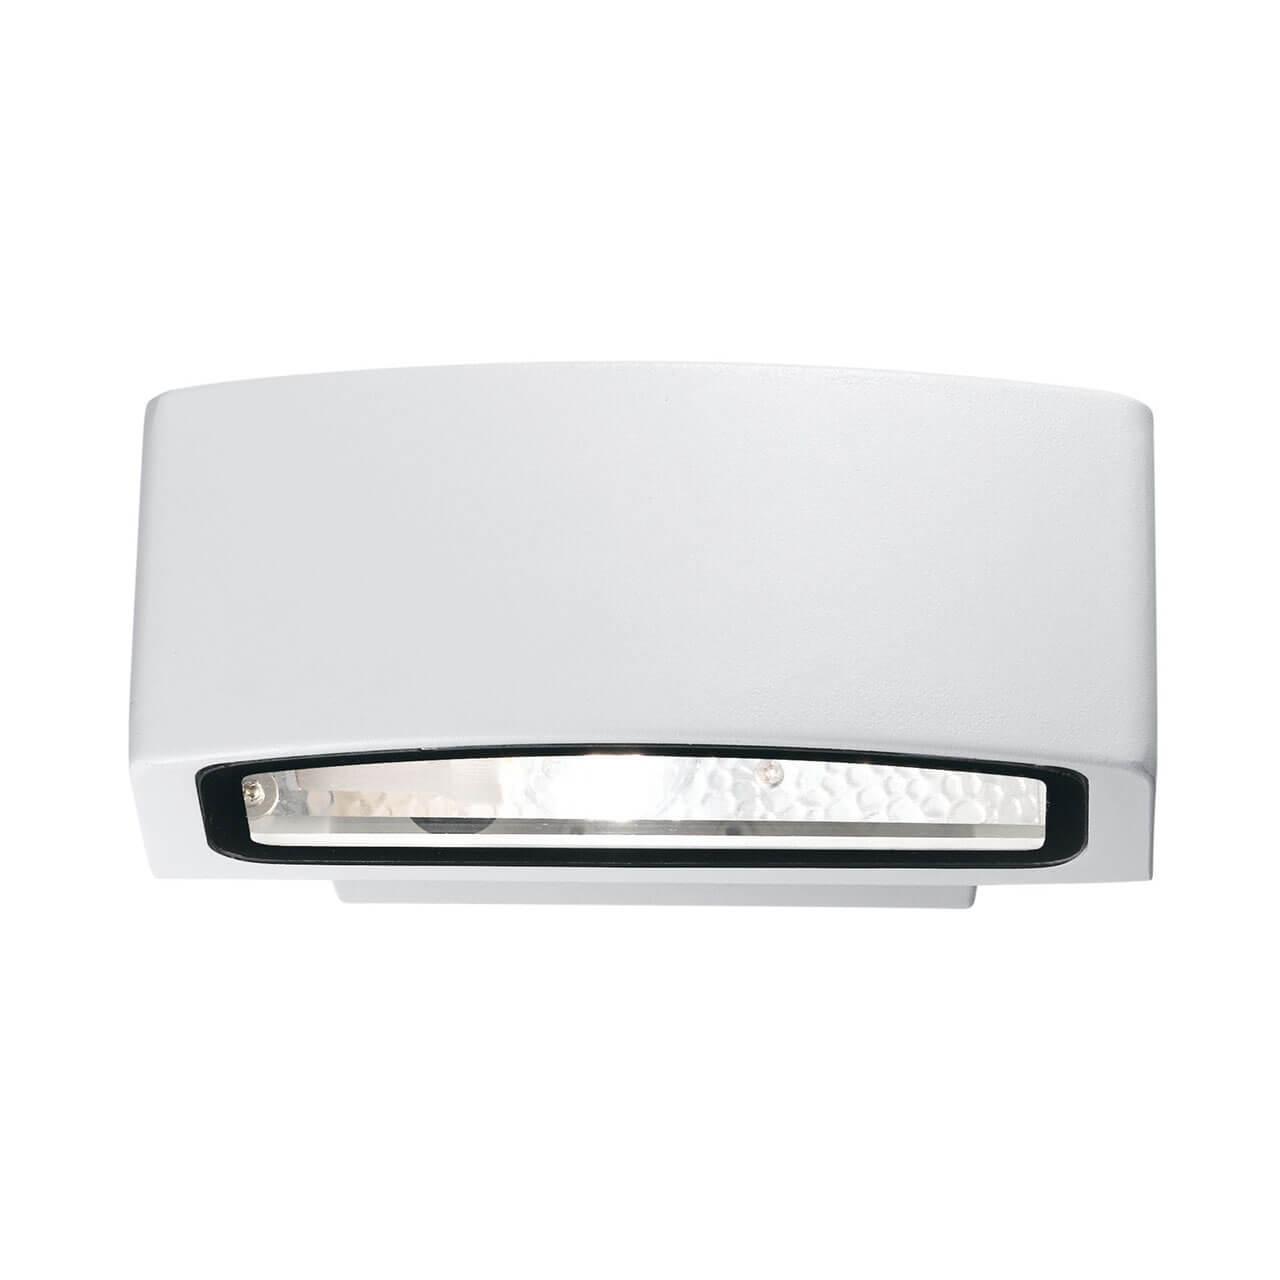 Уличный светильник Ideal Lux Andromeda AP1 Bianco, E27 все цены